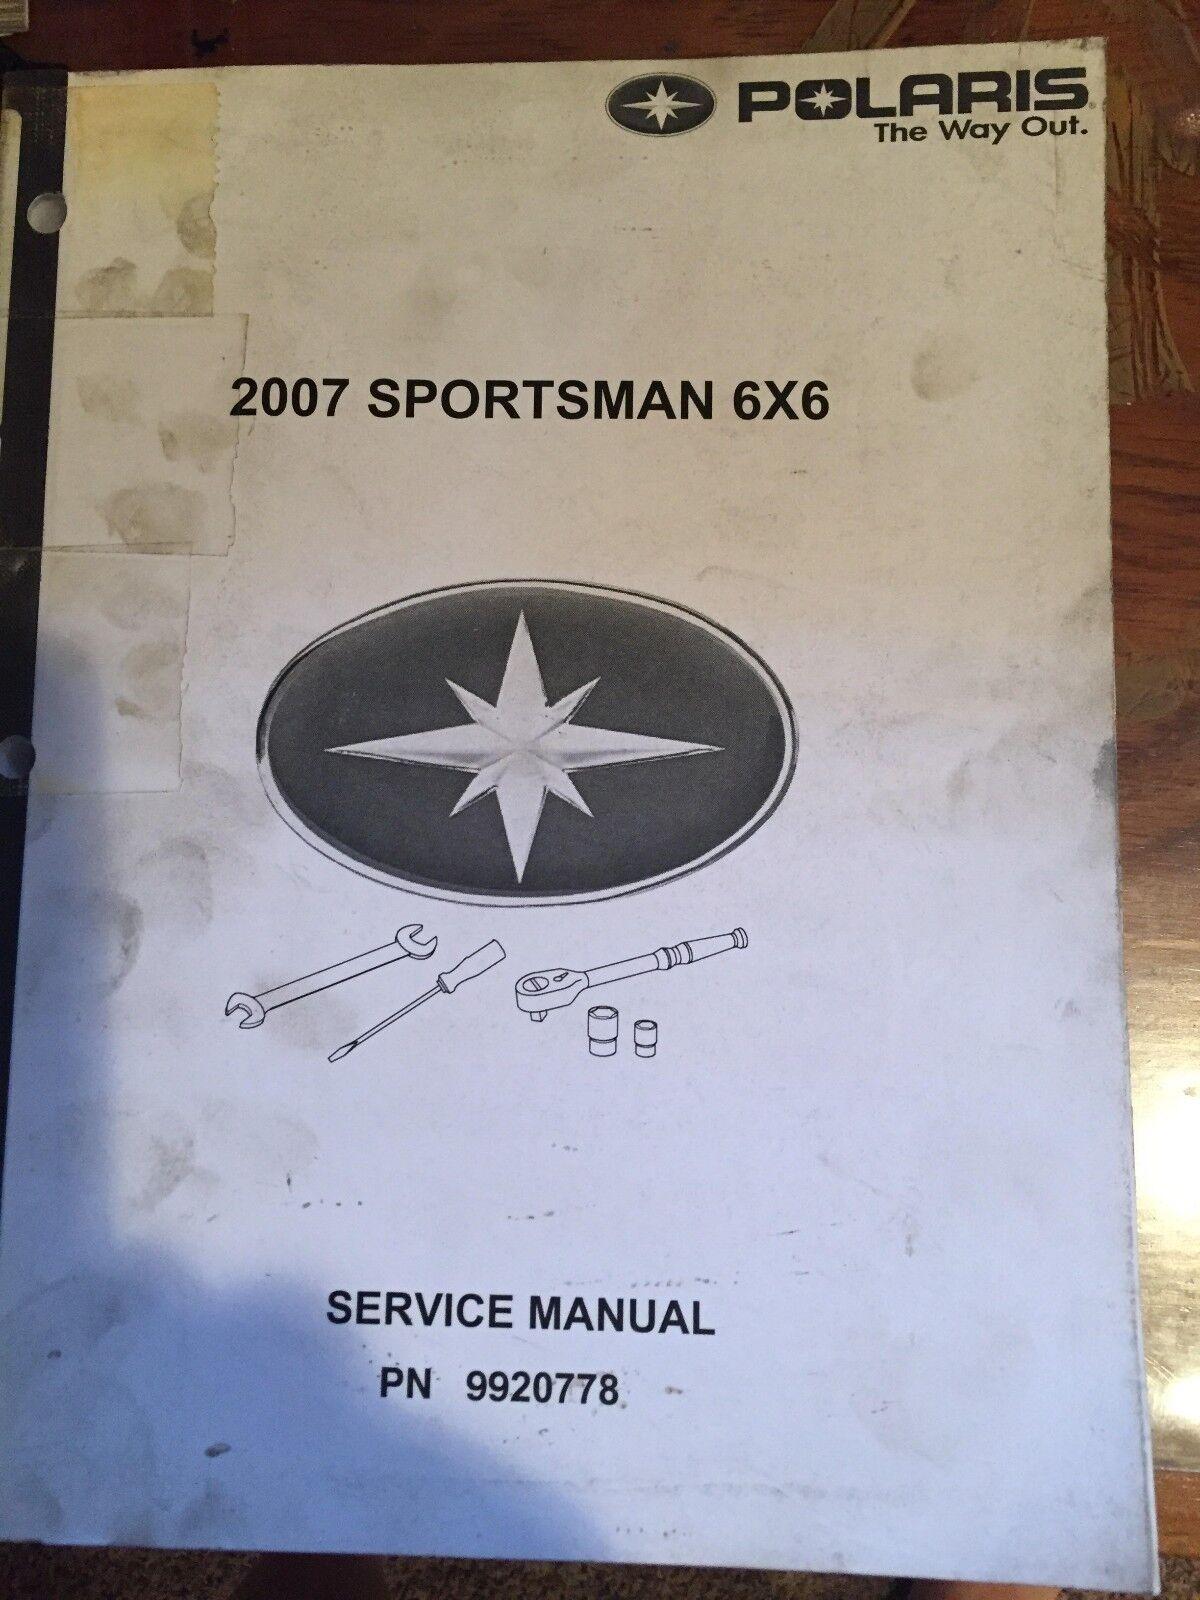 2007 Polaris Sportsman 6x6 Service Manual PN  9920778